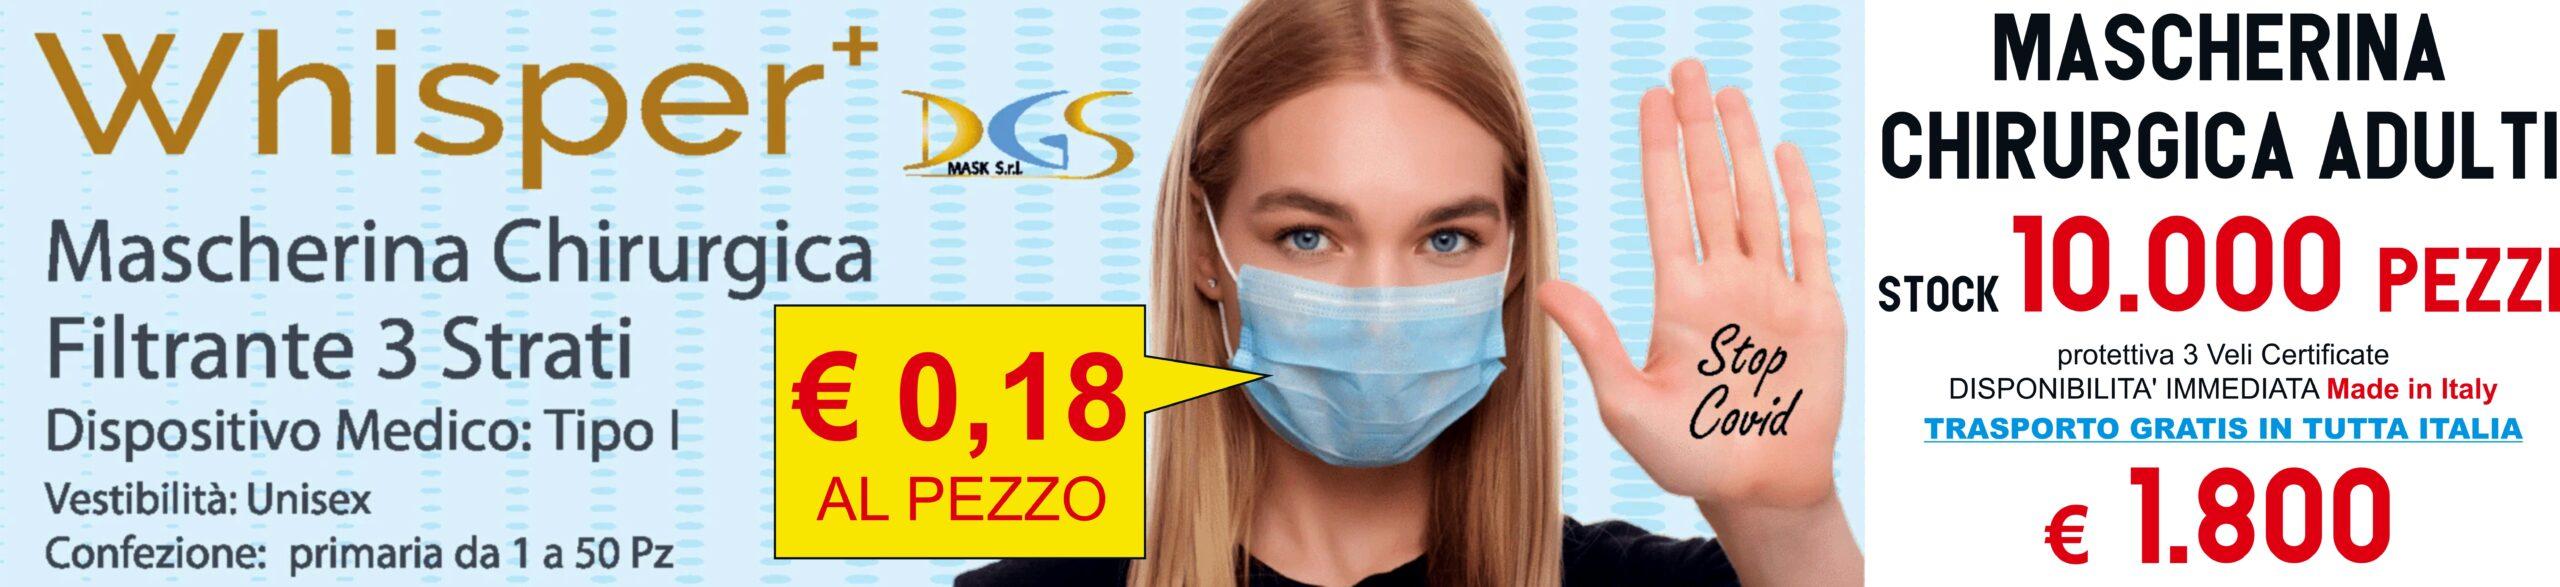 Mascherine chirurgiche monouso filtranti in tnt 3 Strati protettivi viso 10.000 pezzi